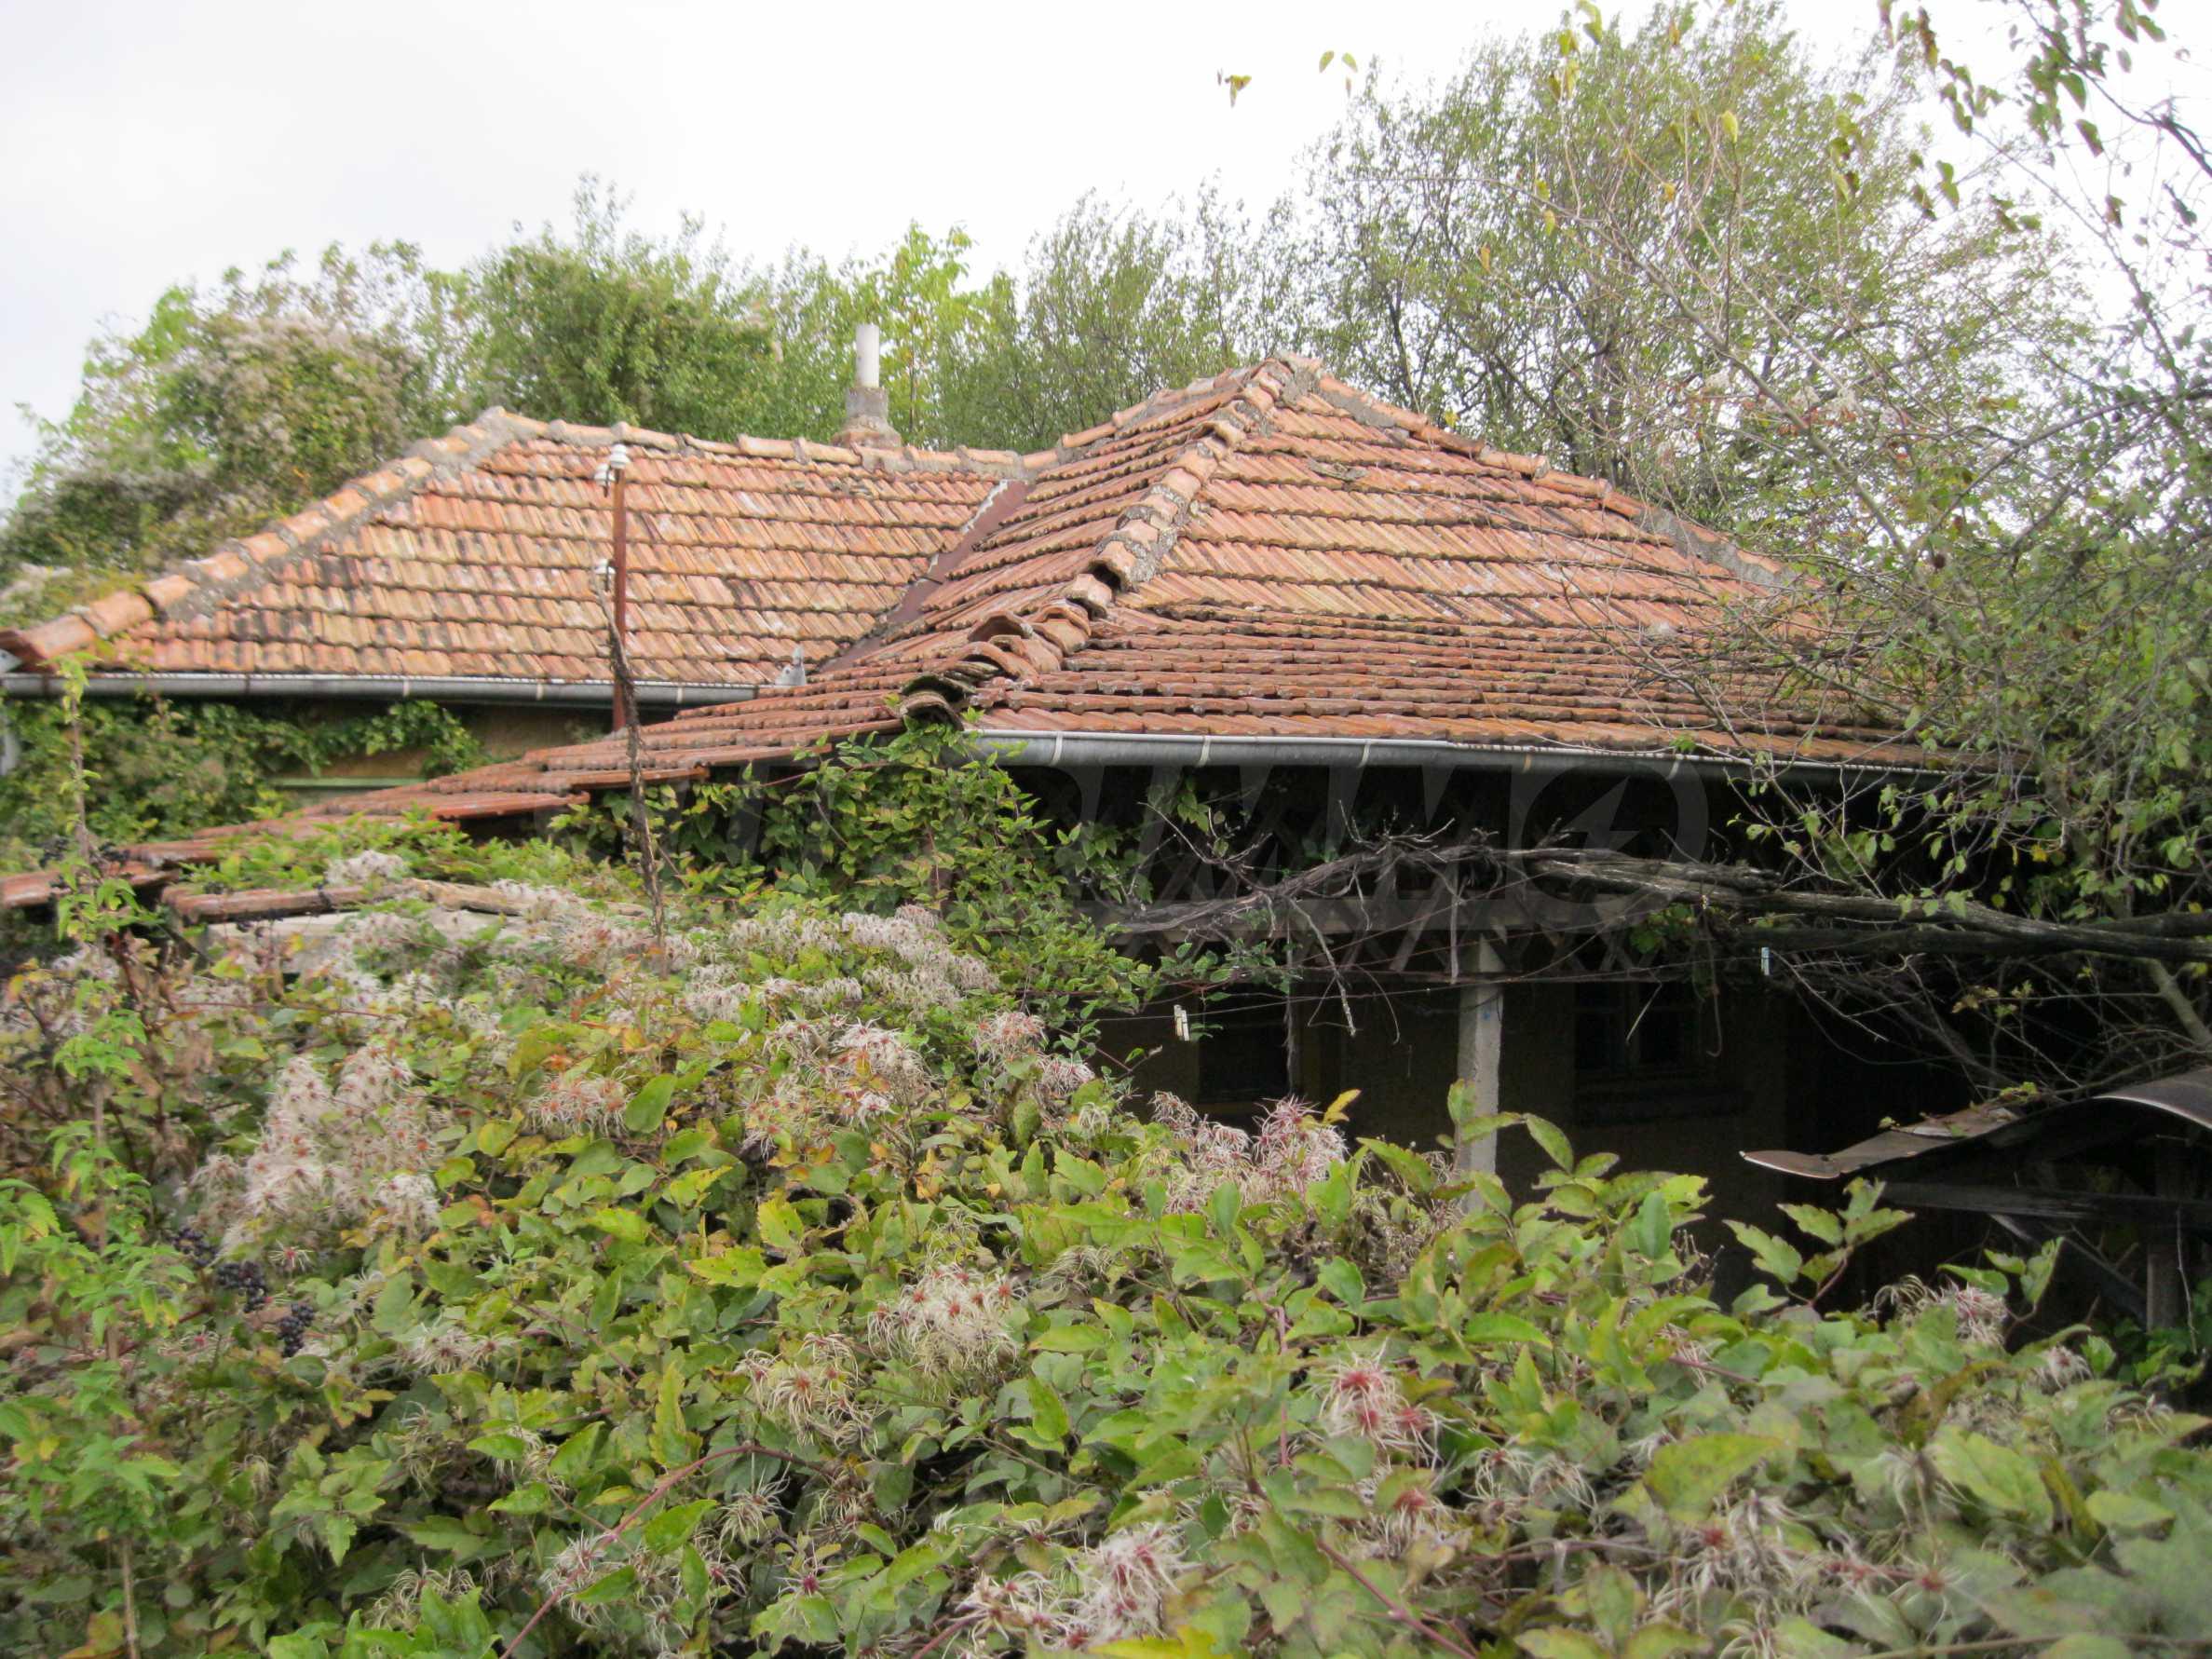 Backsteinhaus in einem Dorf, nur 100 Meter von der Hauptstraße entfernt 1